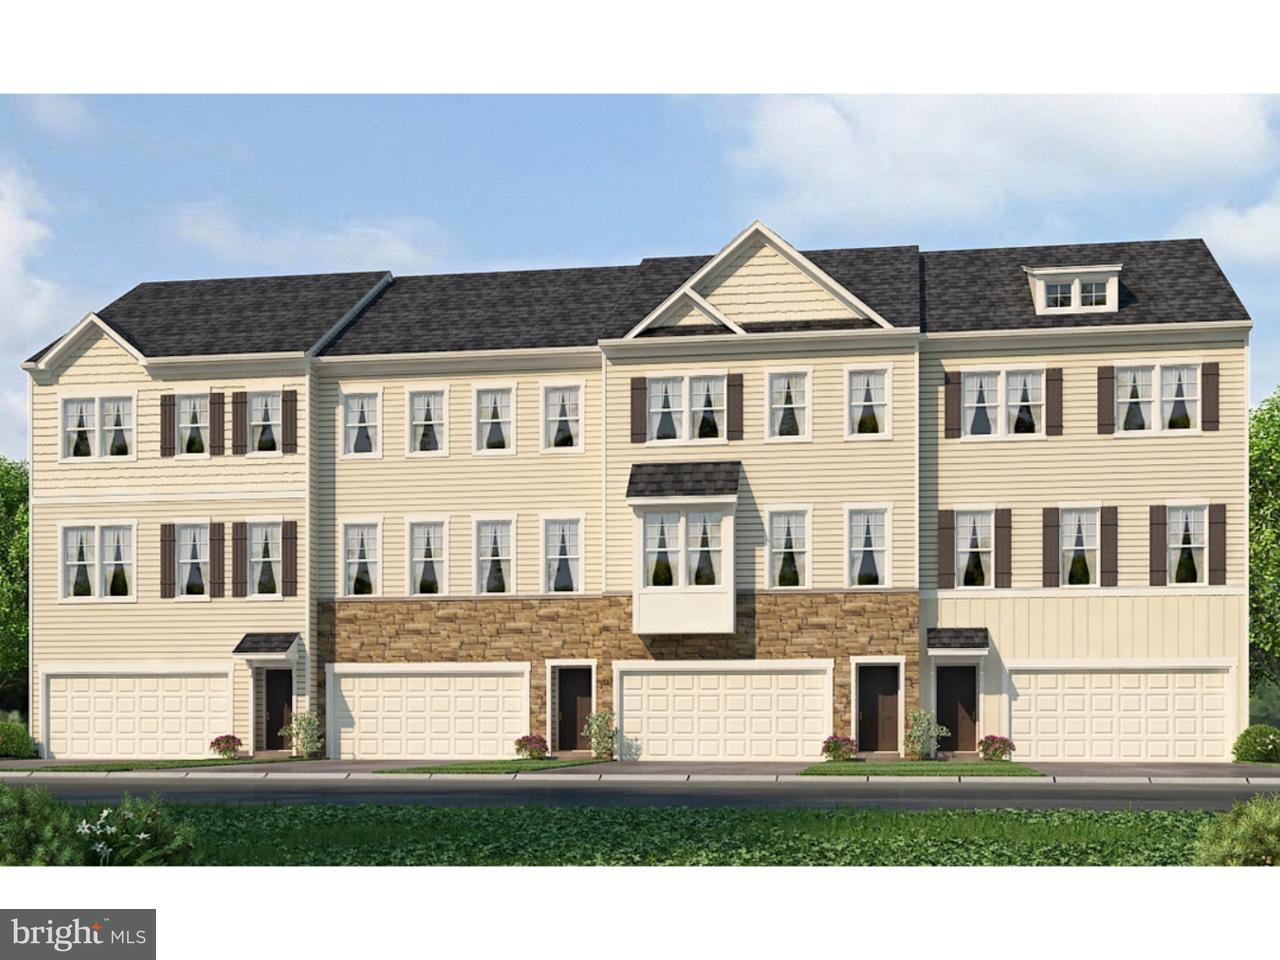 Radhus för Försäljning vid 23 SULLIVAN WAY Marlton, New Jersey 08053 Usa